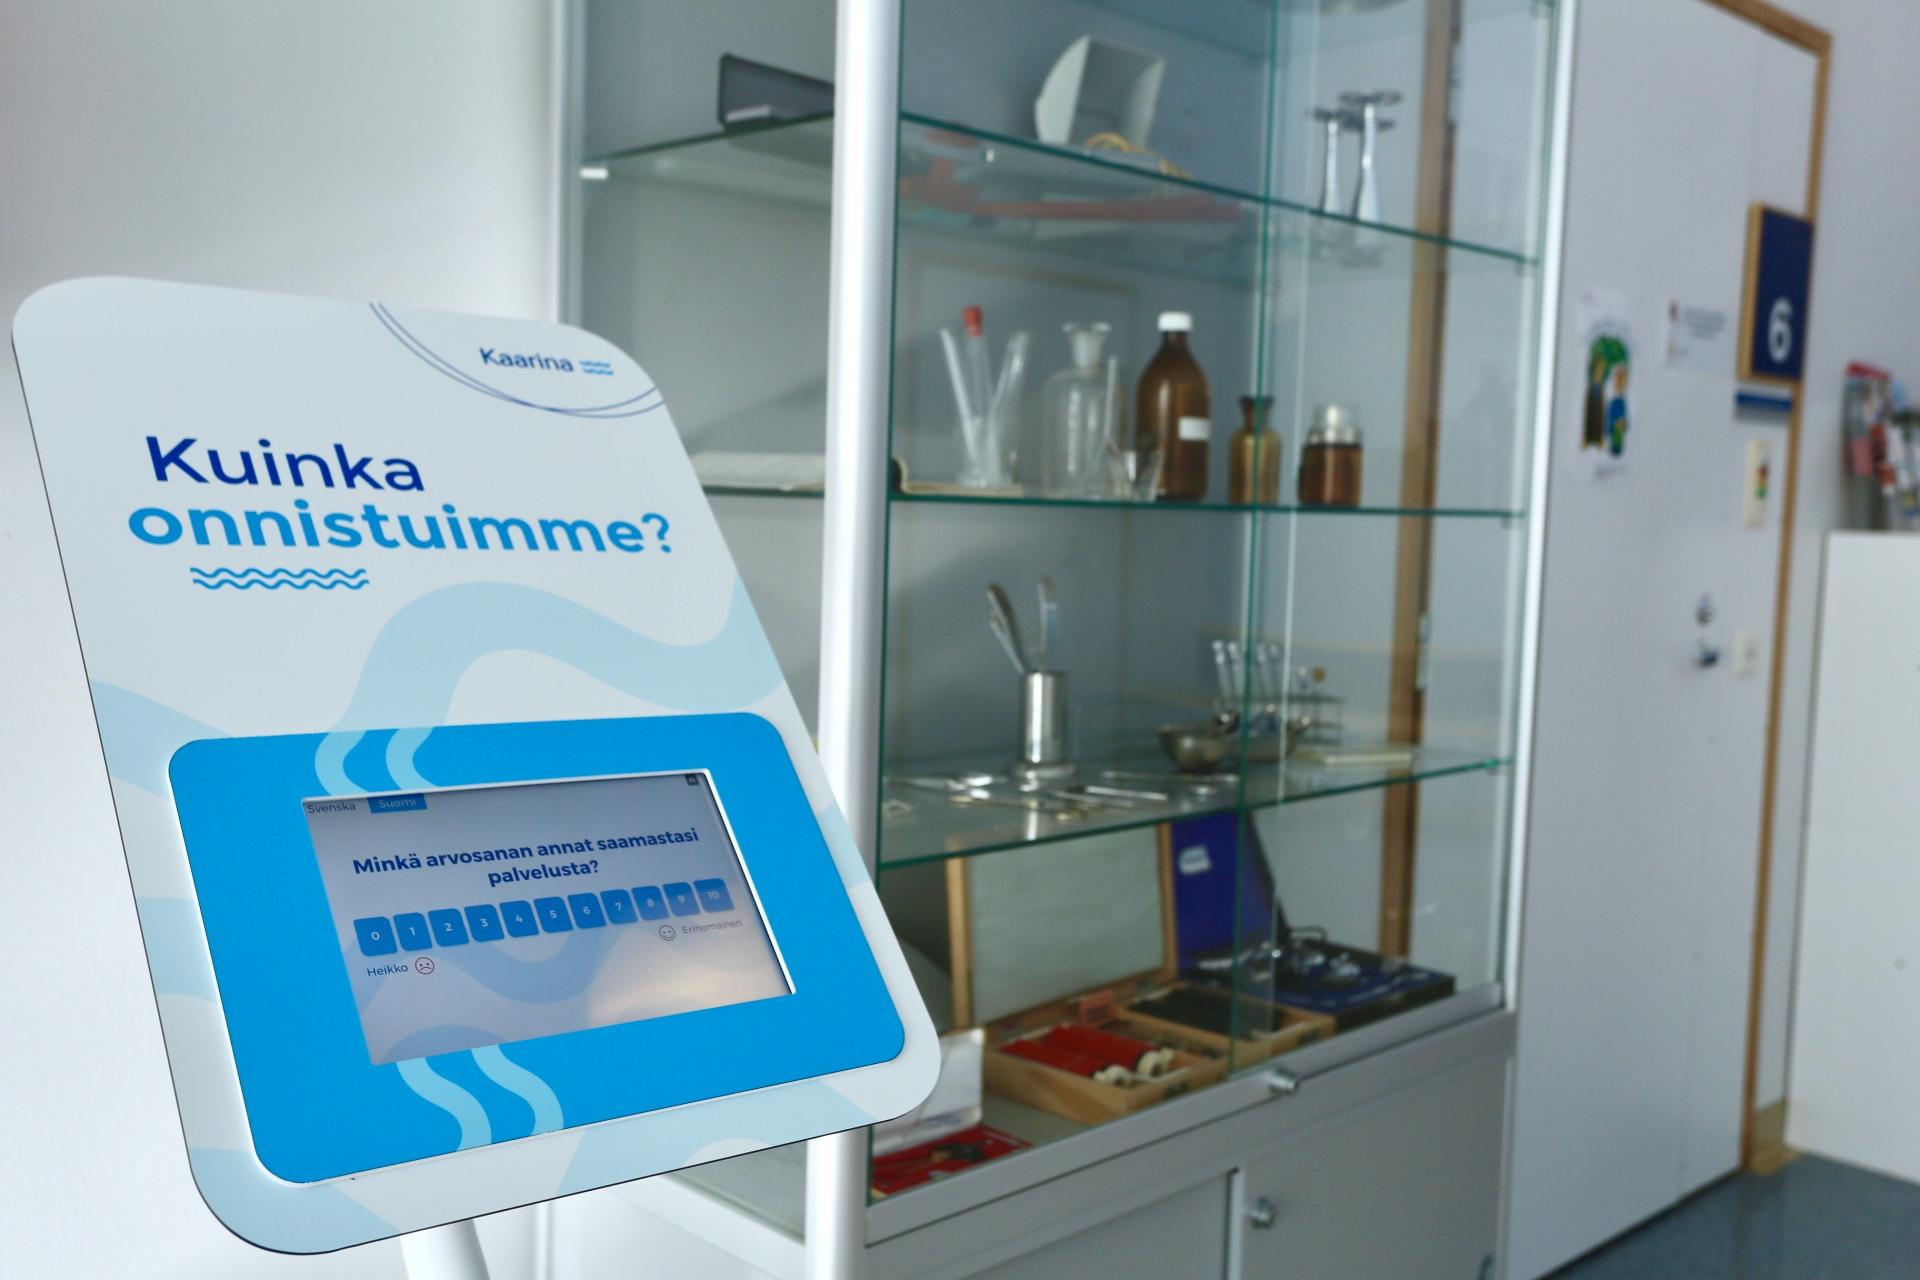 asiakaspalautelaite, palautelaite, asiakaskokemuksen mittaaminen, measuring customer experience, asiakaskokemus, customer experience